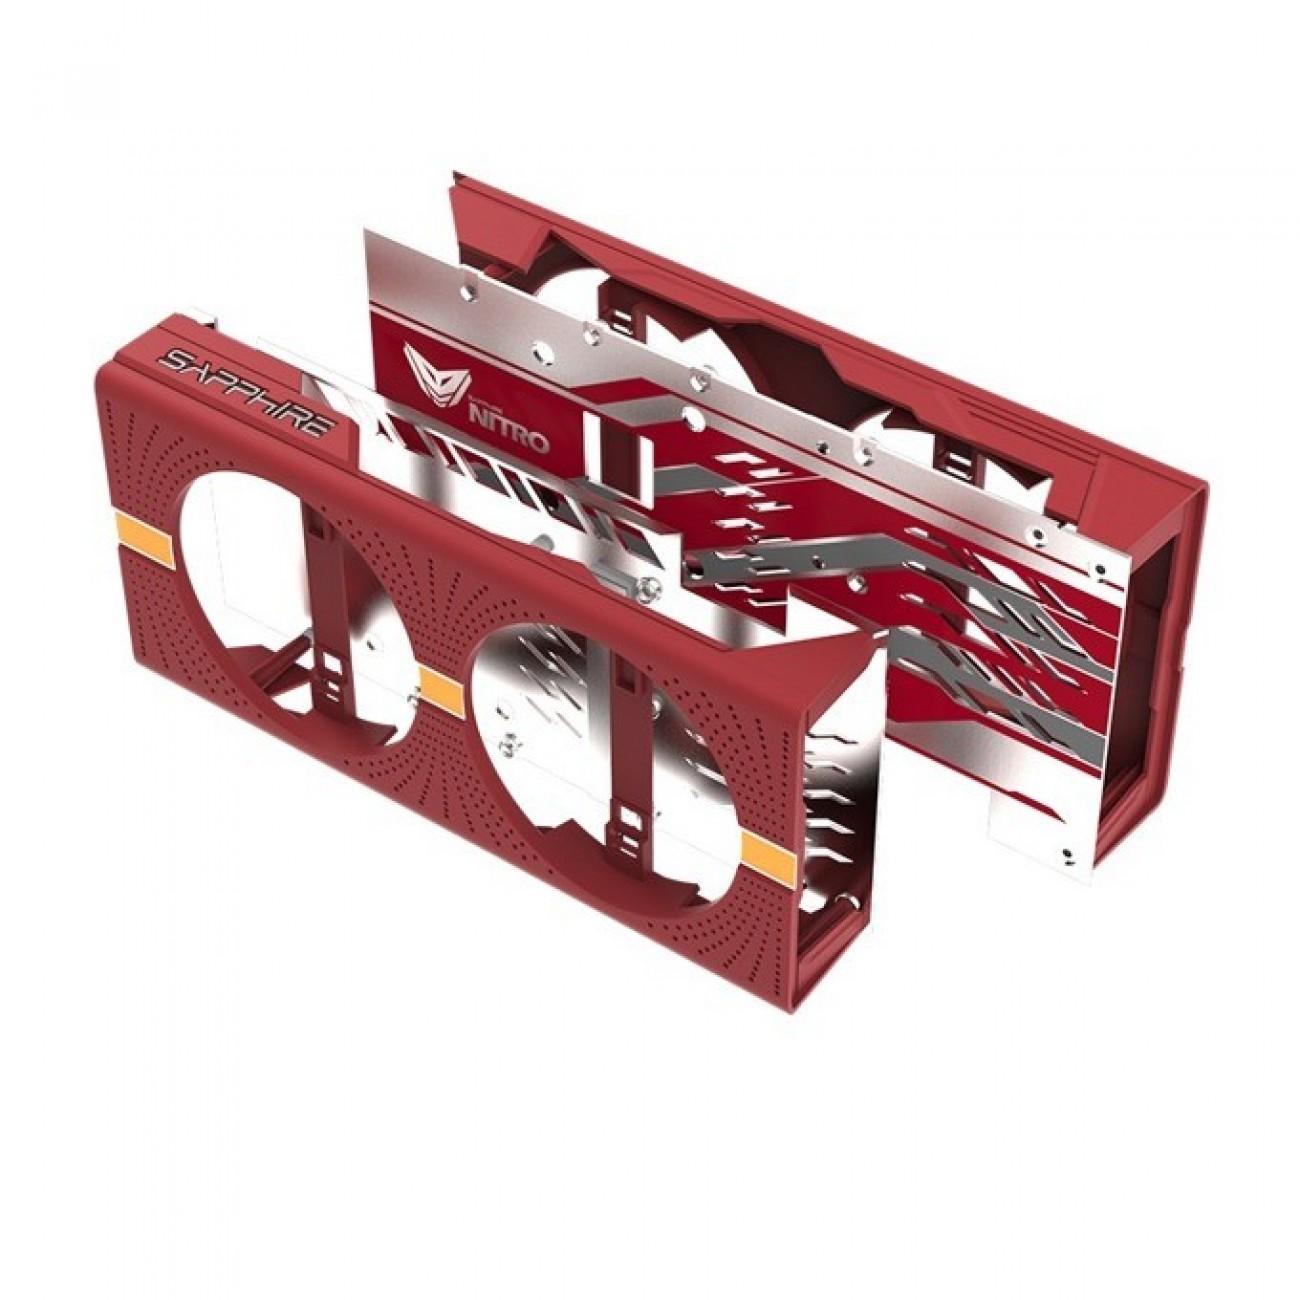 Цветен капак и охладител за видео карти Sapphire Nitro Gear Cooler Shroud & Backplate Lite, червен, съвместим с AMD Radeon Nitro, RX 580/570 Series в Вентилатори / Охладители -    Alleop